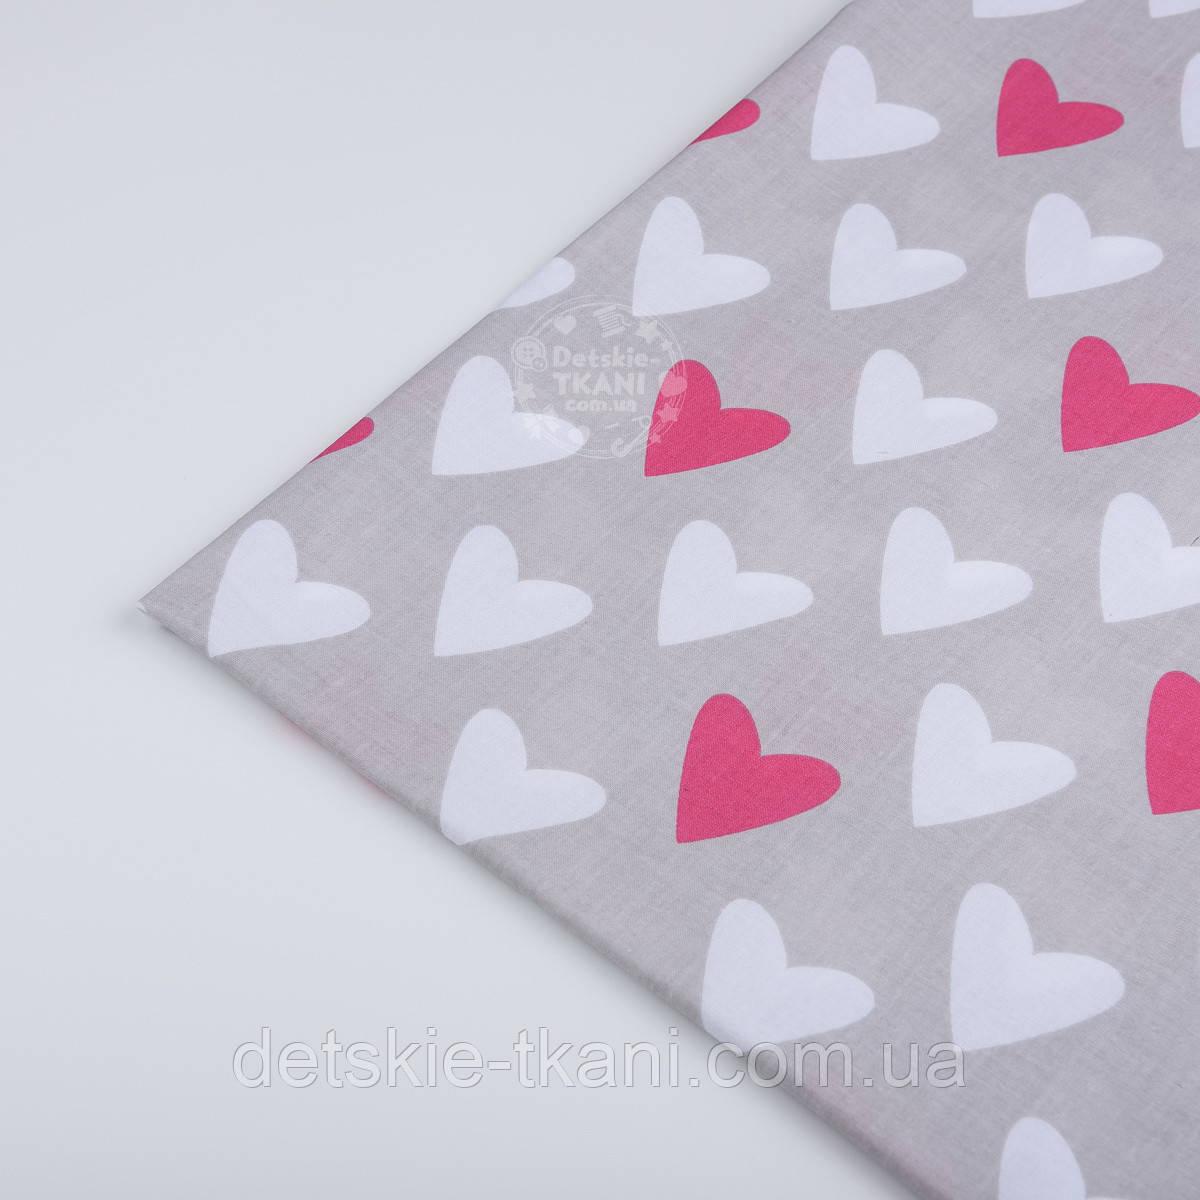 Лоскут ткани №468а размером 48*80 см